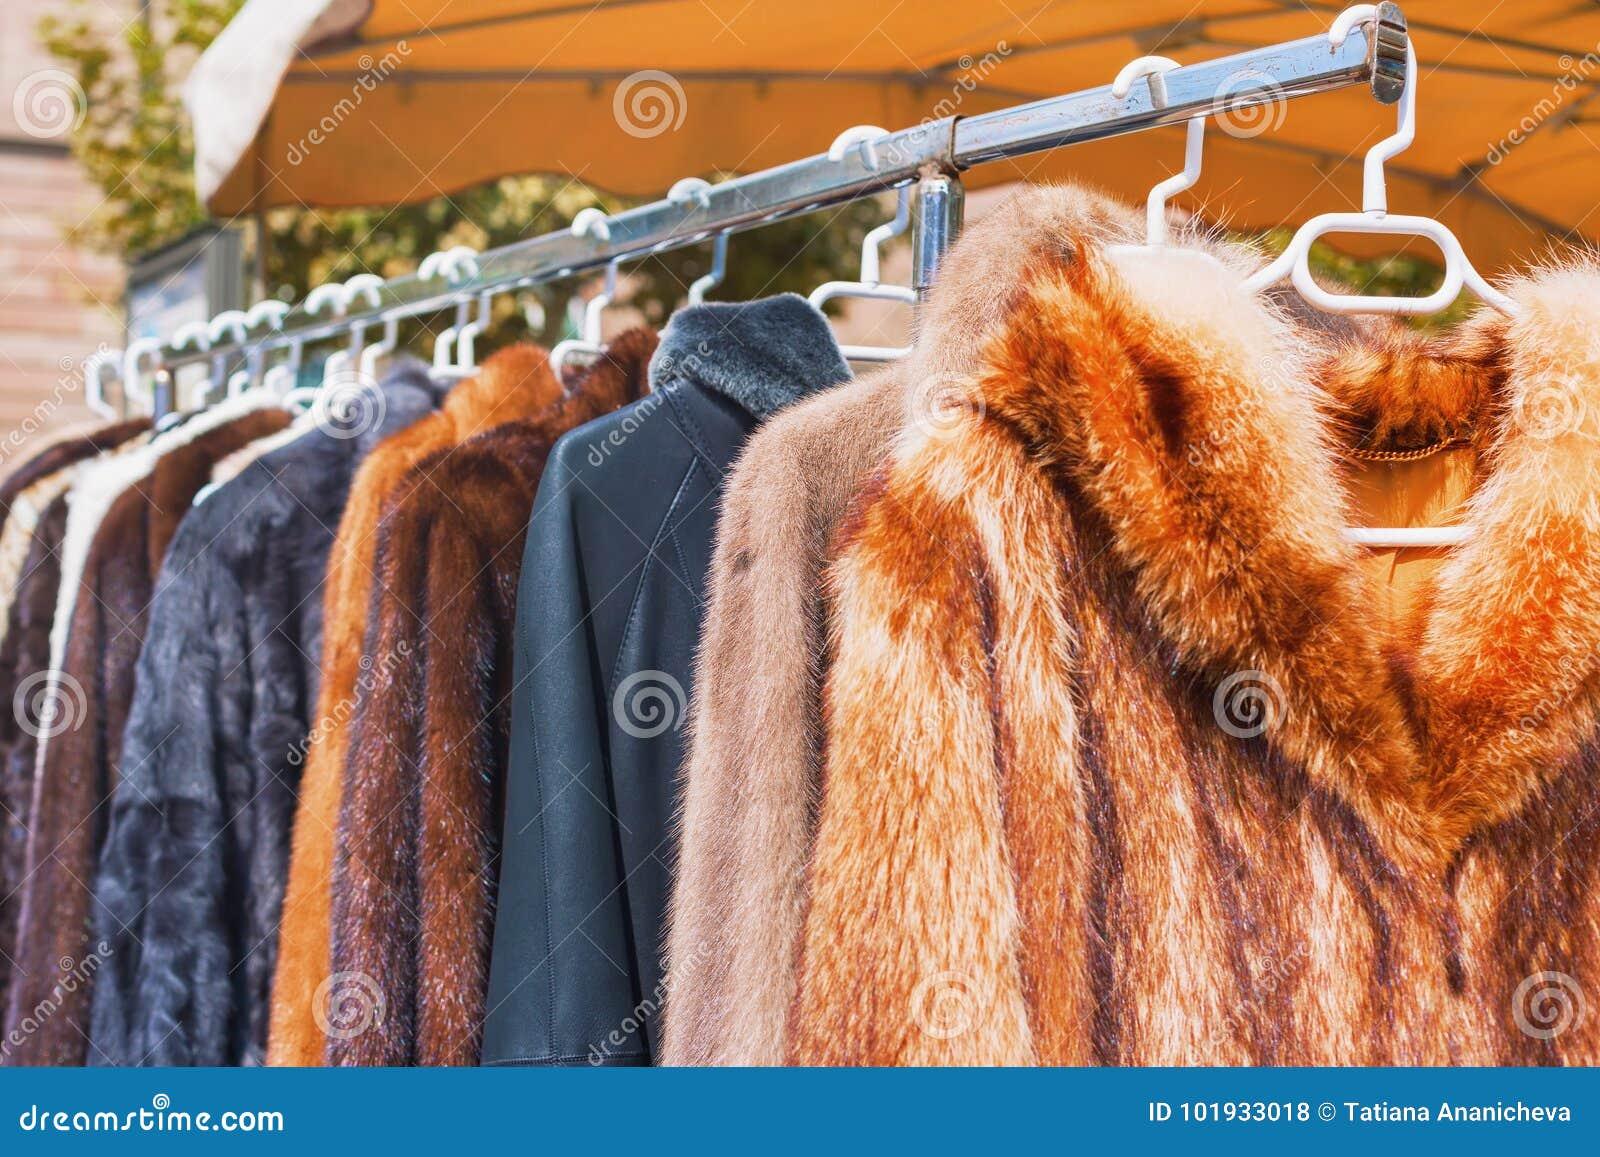 Pour Accrocher Les Vetements les vêtements à vendre pour l'hiver assaisonnent accrocher